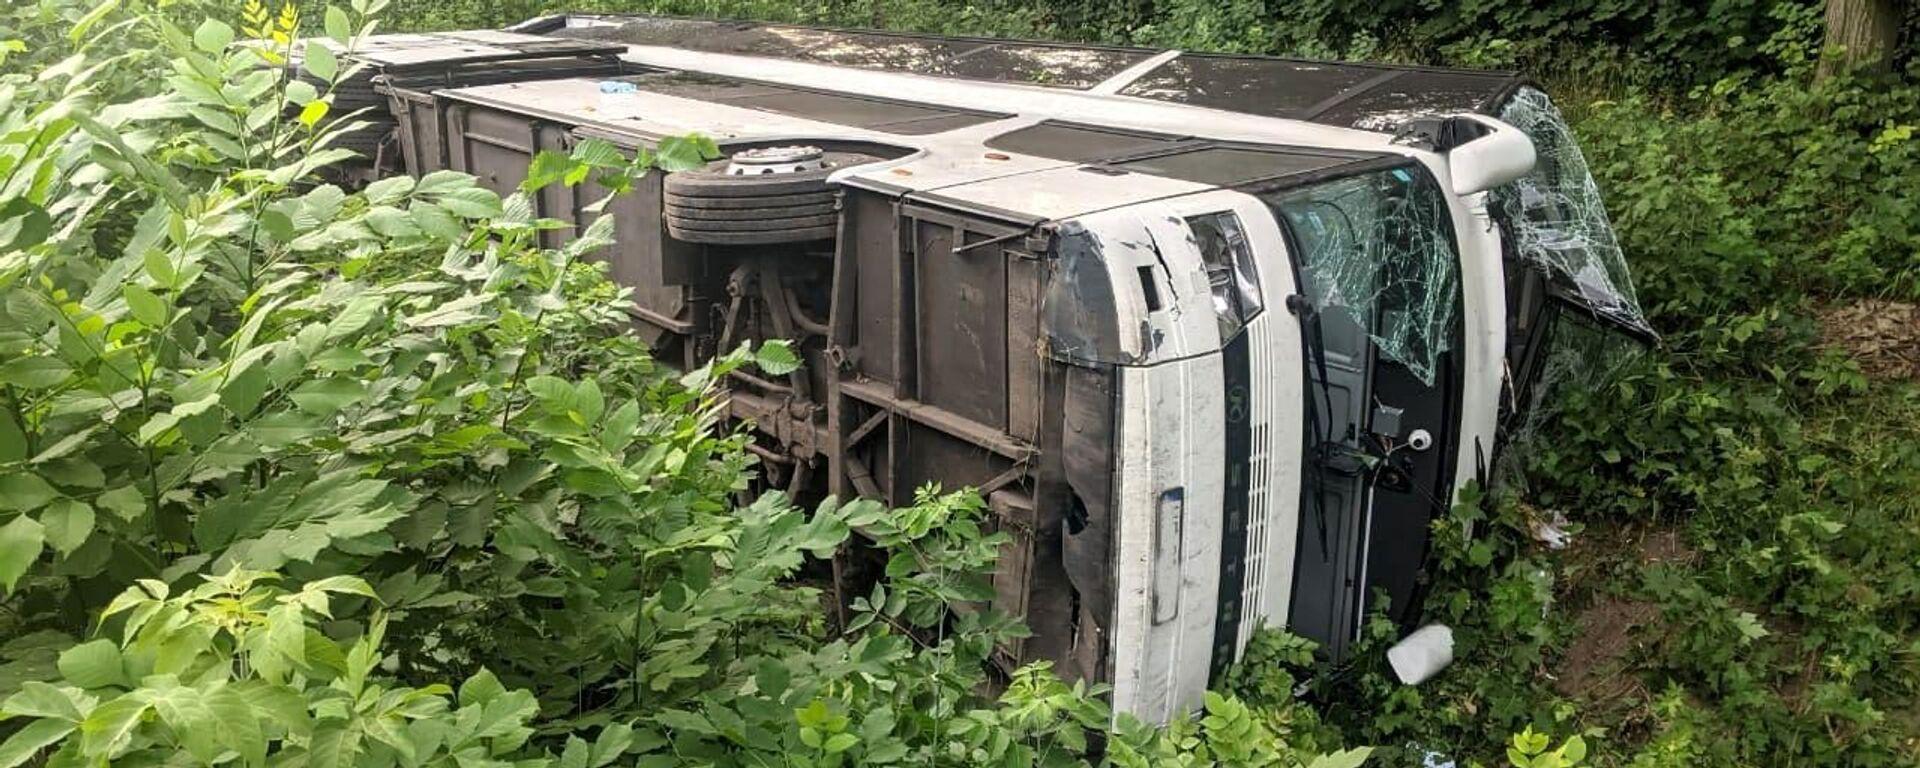 Wypadek autokaru na Ukrainie - Sputnik Polska, 1920, 17.07.2021